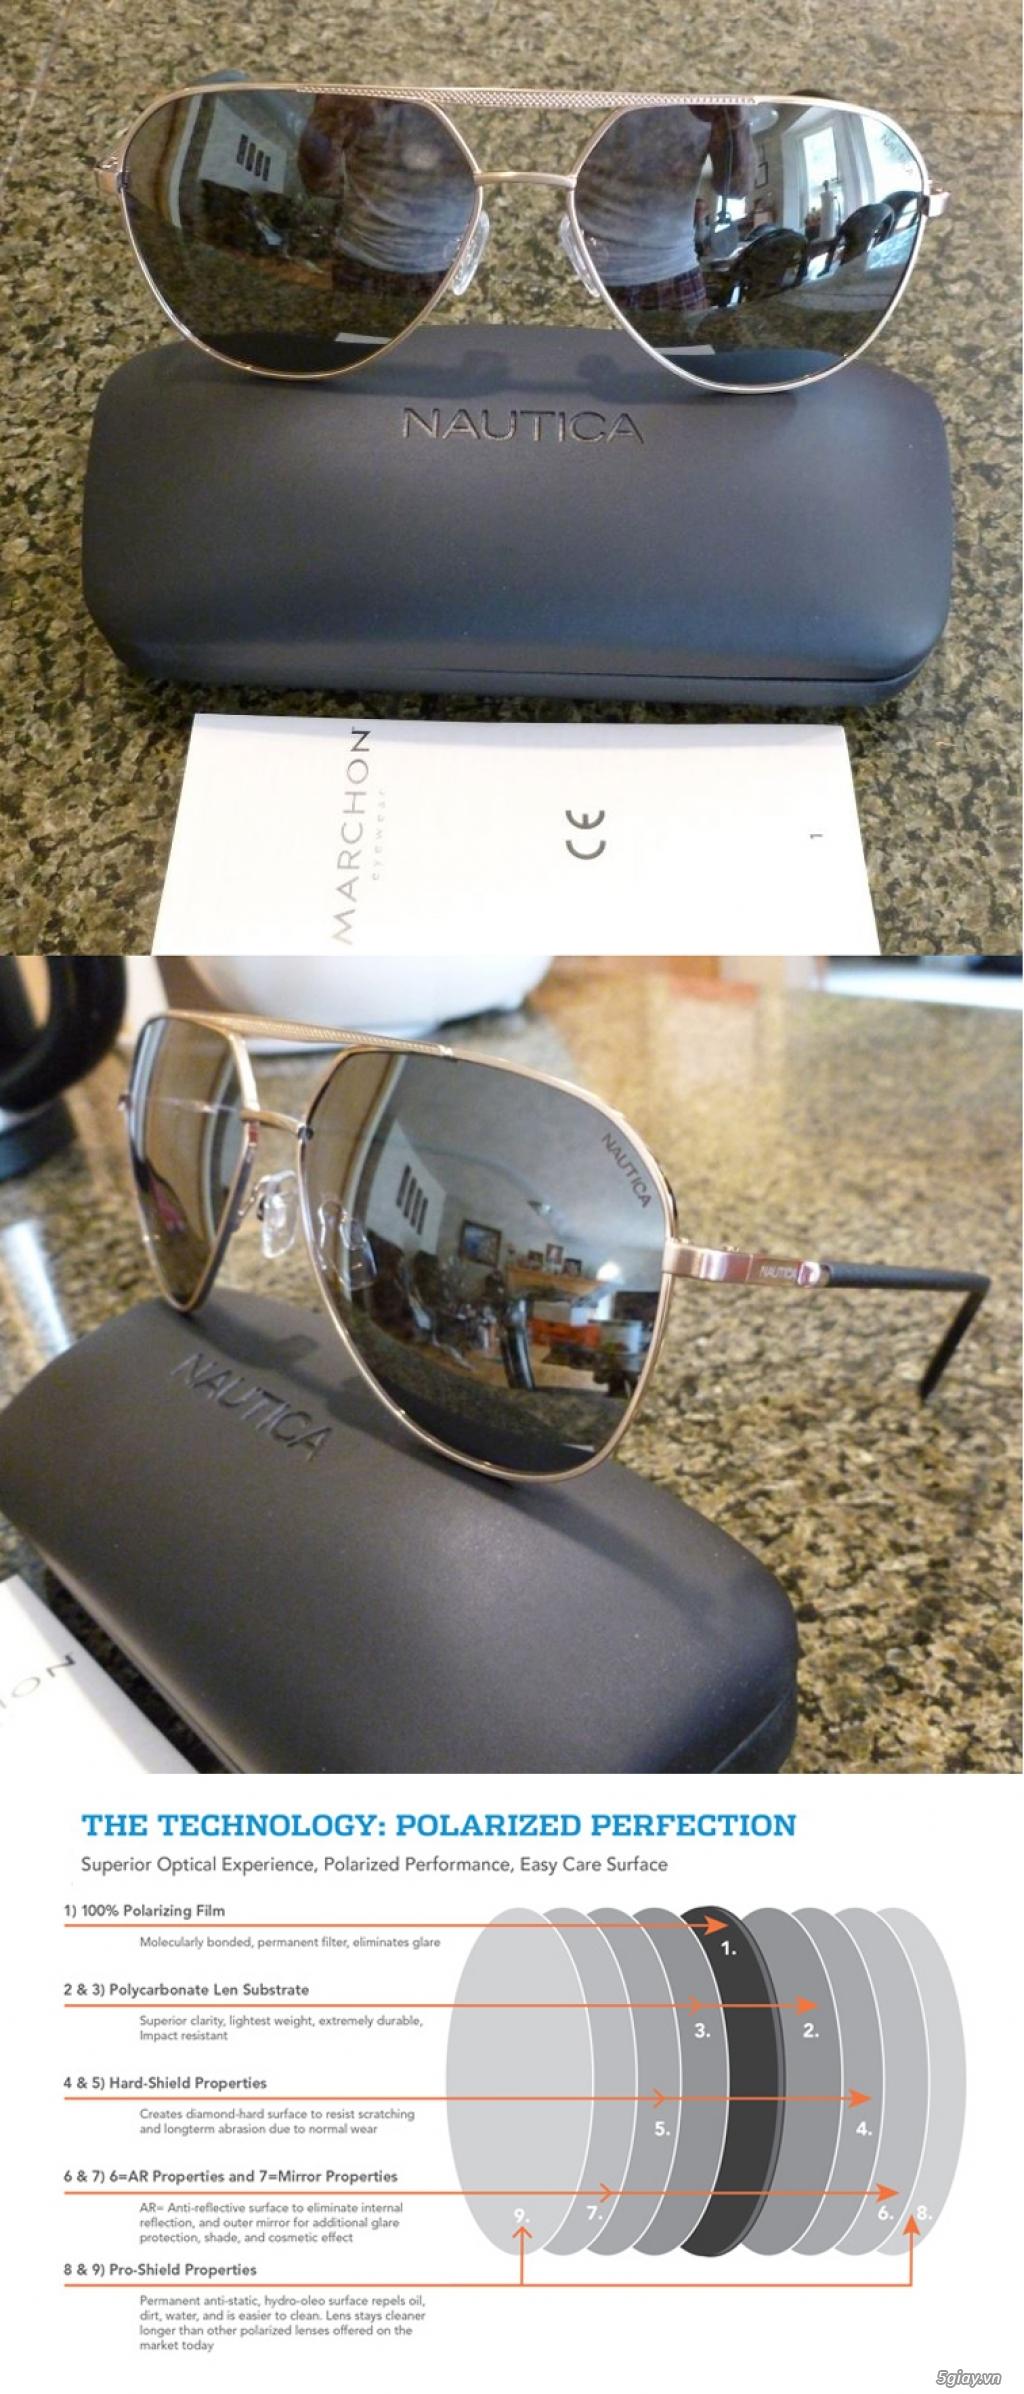 Những Mắt Kính Đẹp & Sang Trọng chính mình xách tay/gửi từ Mỹ về.  Armani, D&G, Prada, Ray-Ban, Polo - 51